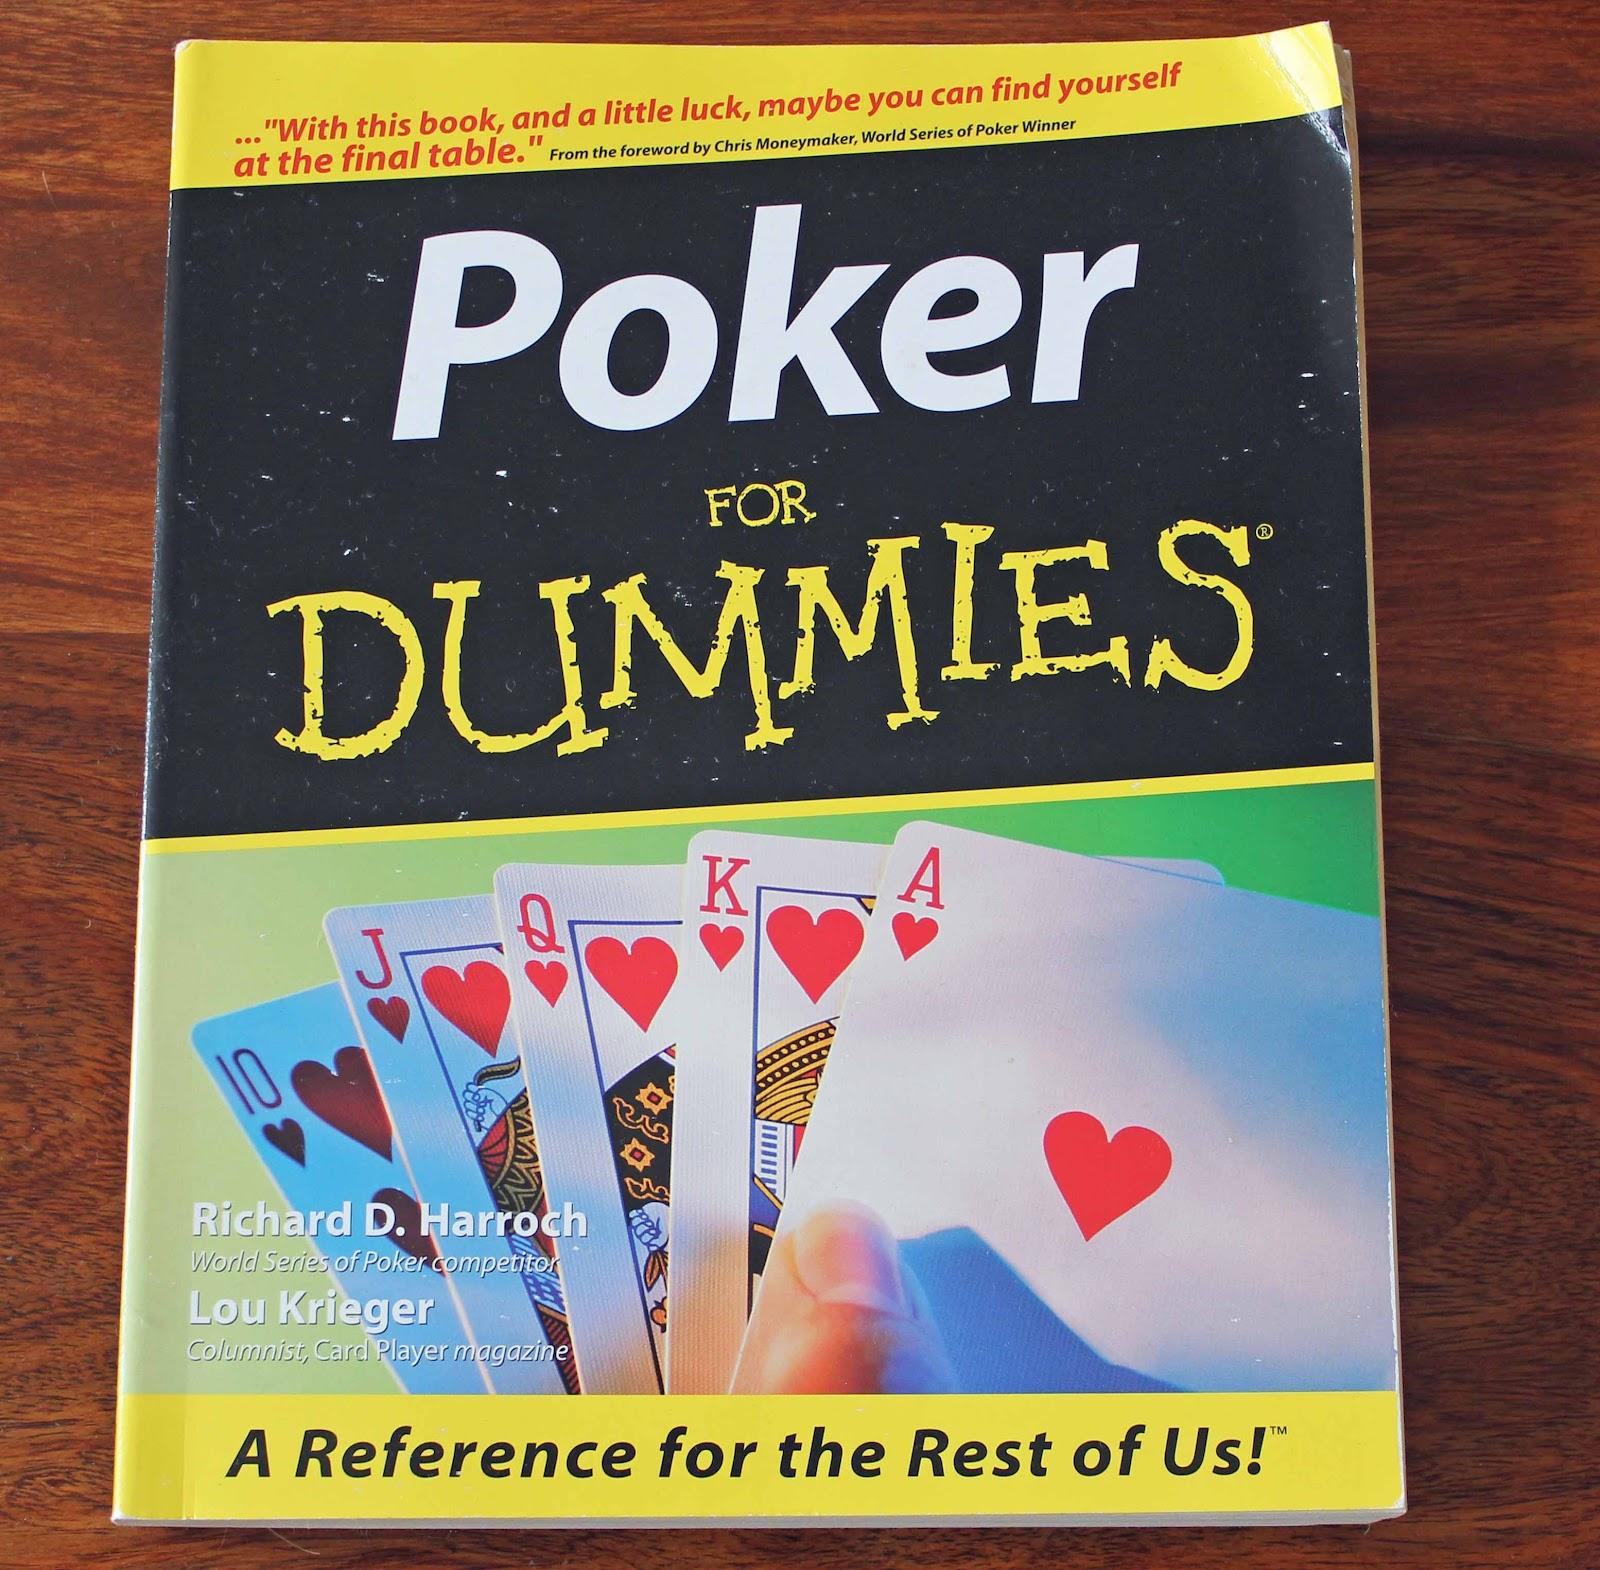 http://2.bp.blogspot.com/-ie42SDXY8M0/T6bgnf0F3iI/AAAAAAAAAAw/wWwdIjaCO3A/s1600/Poker%2Bfor%2BDummies.jpg